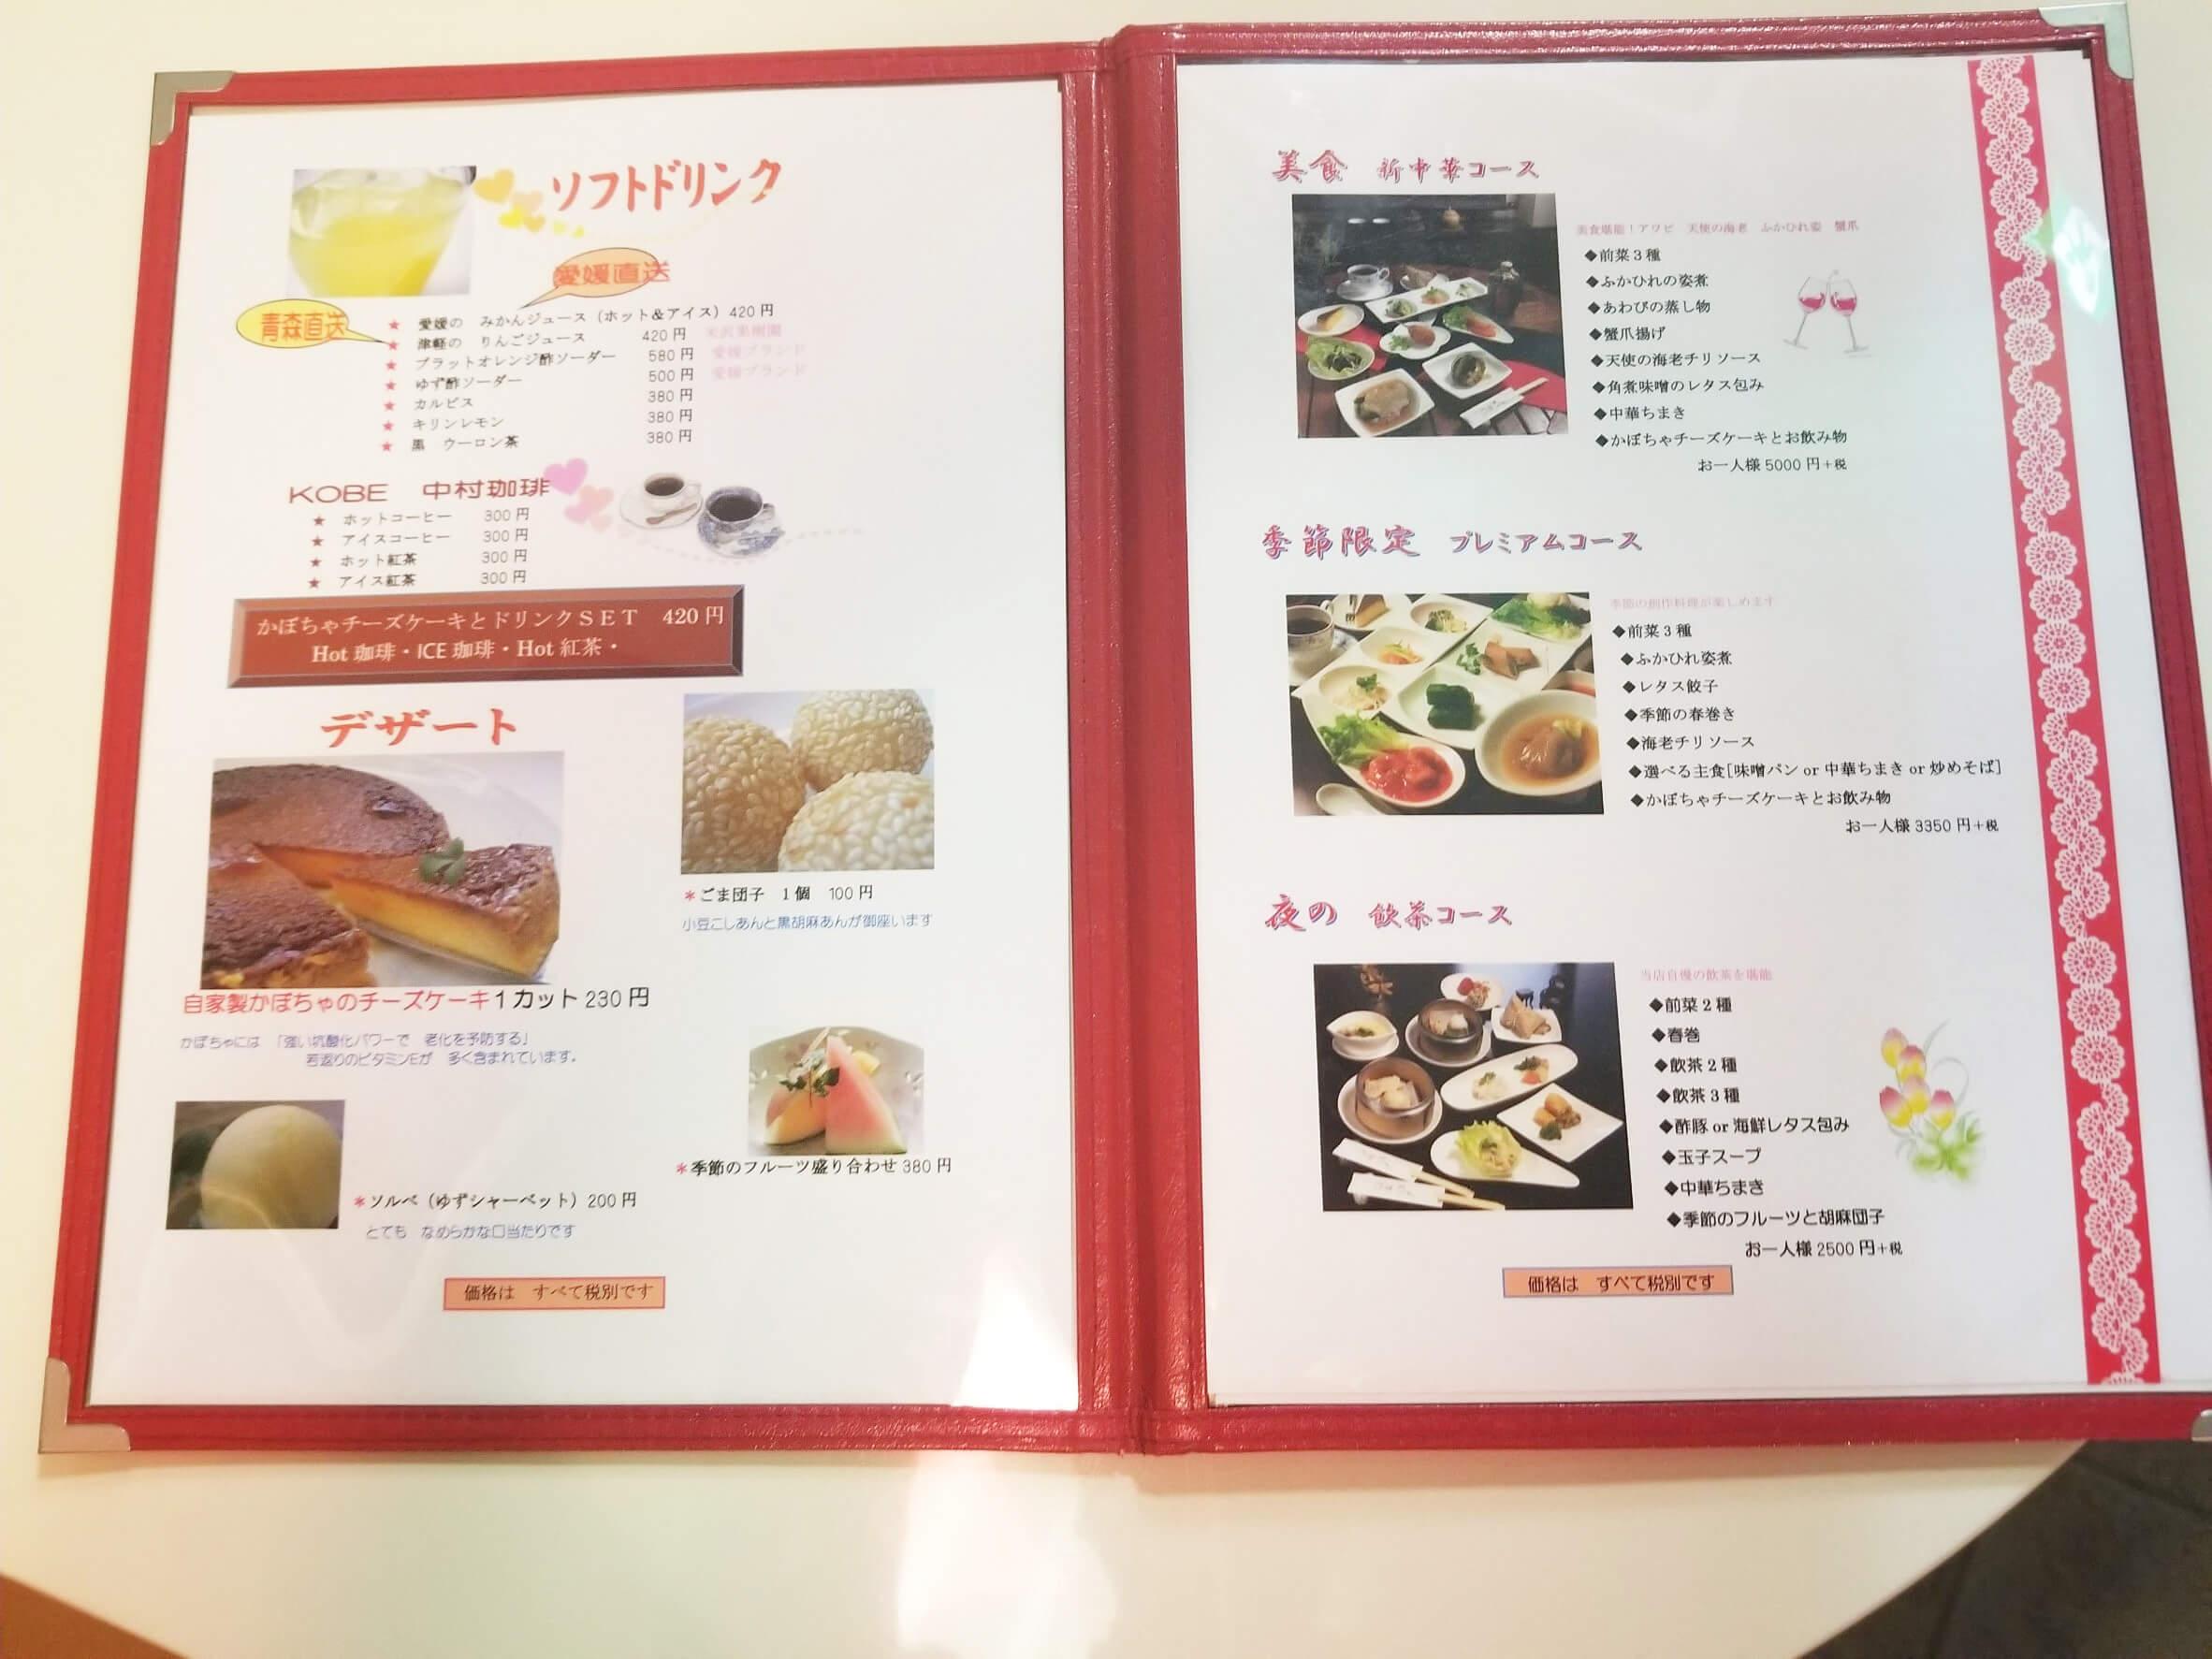 メニュー・コース料理|中華料理店かぼちゃ